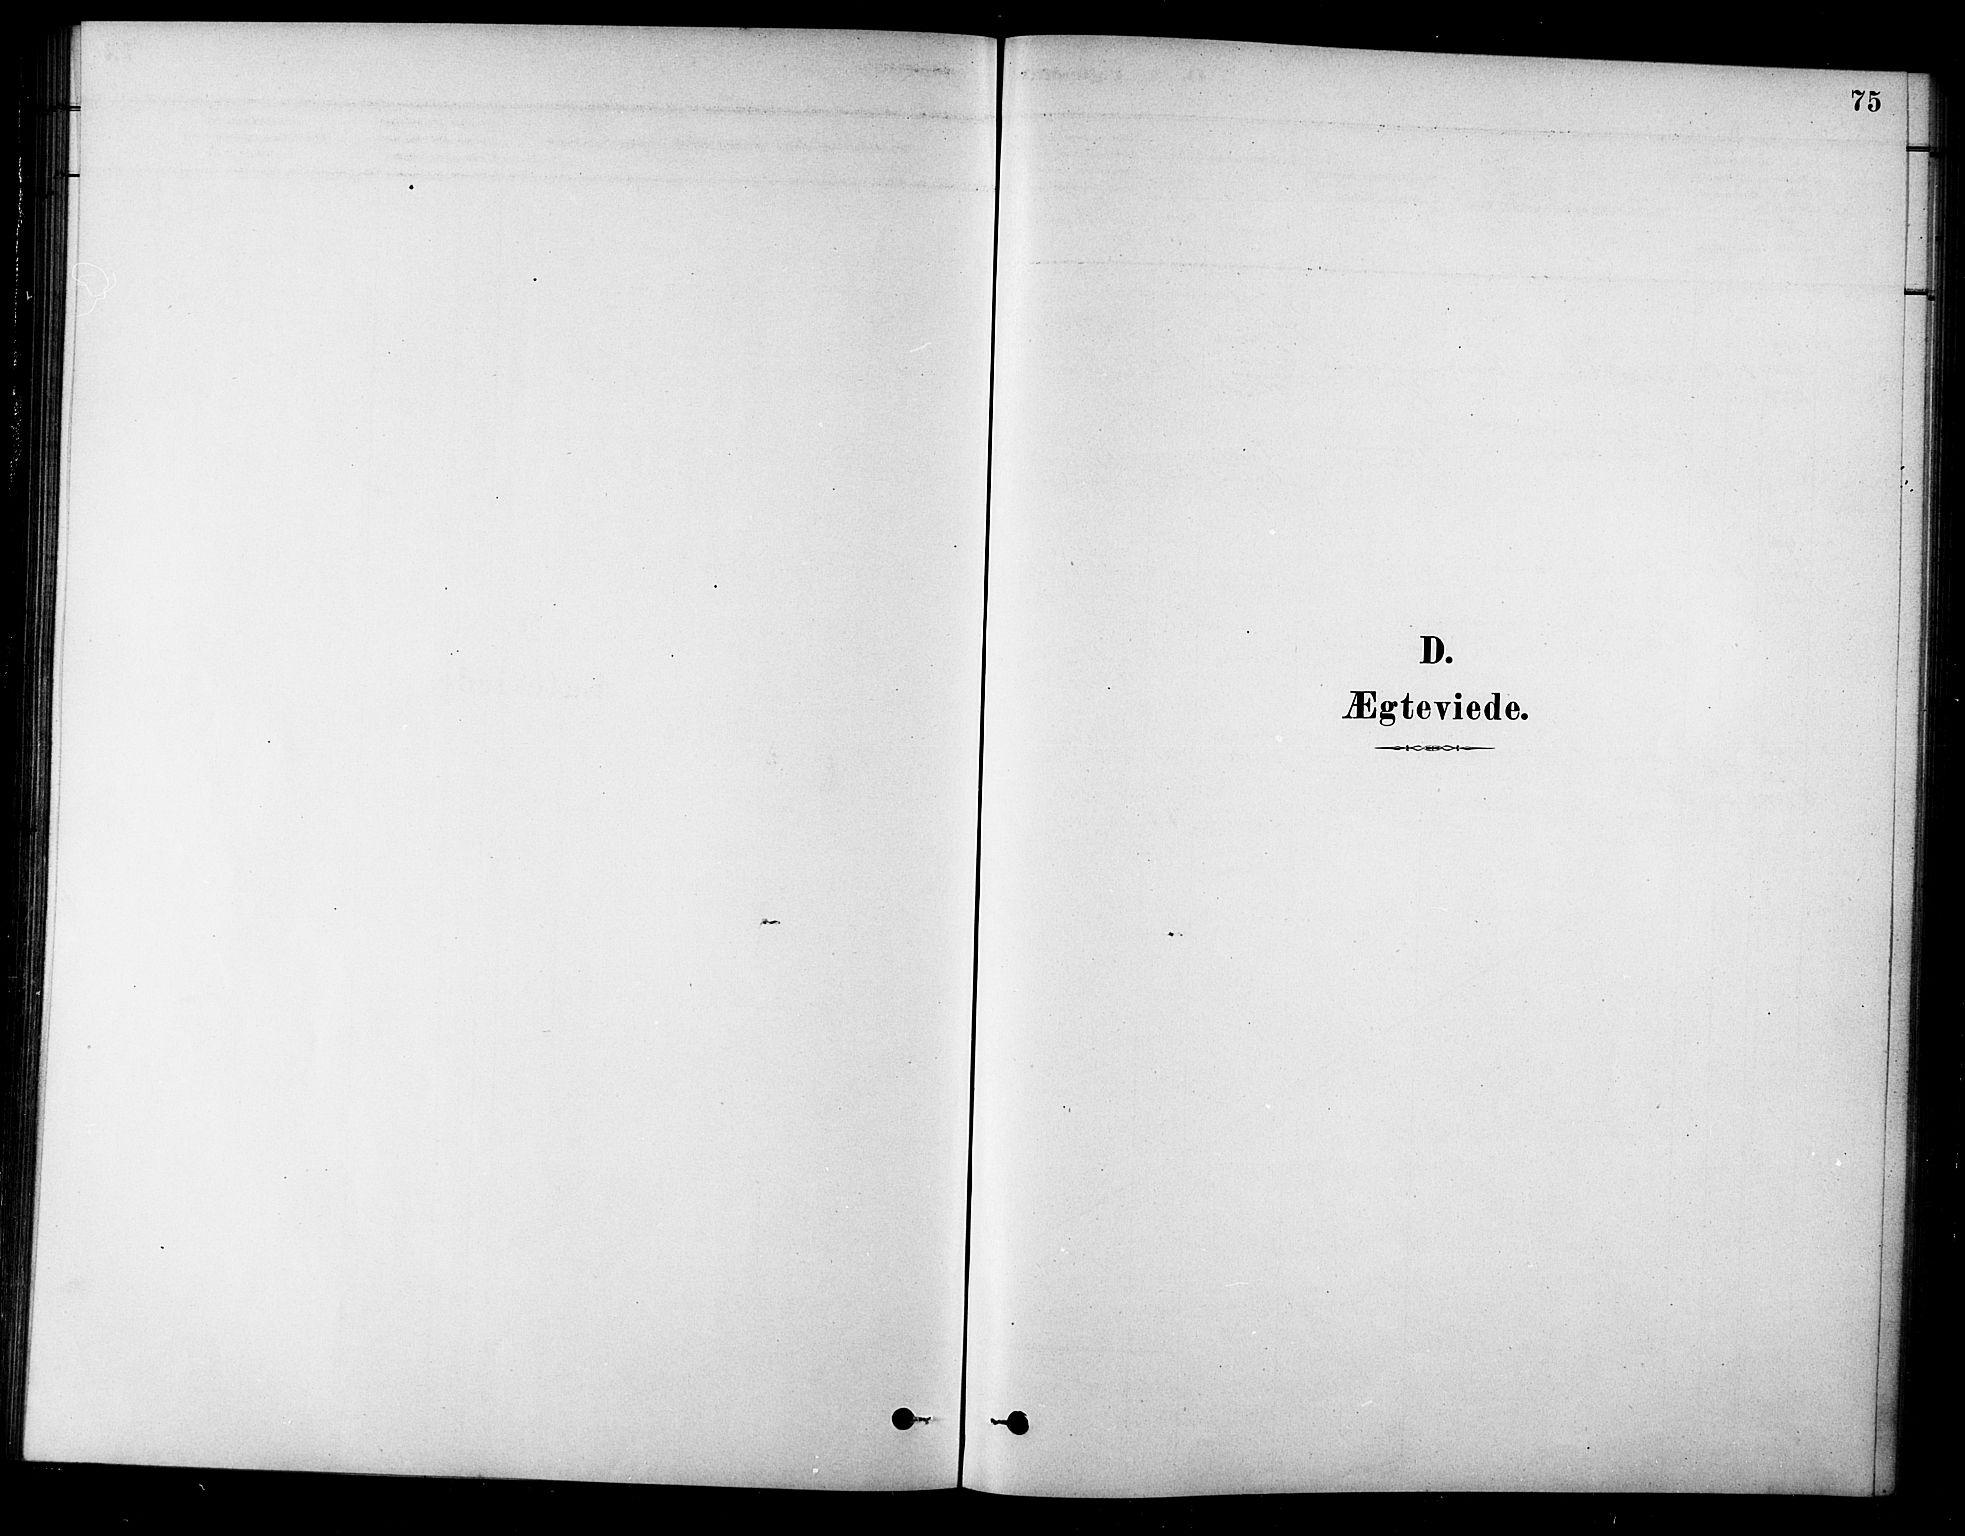 SAT, Ministerialprotokoller, klokkerbøker og fødselsregistre - Sør-Trøndelag, 685/L0972: Ministerialbok nr. 685A09, 1879-1890, s. 75